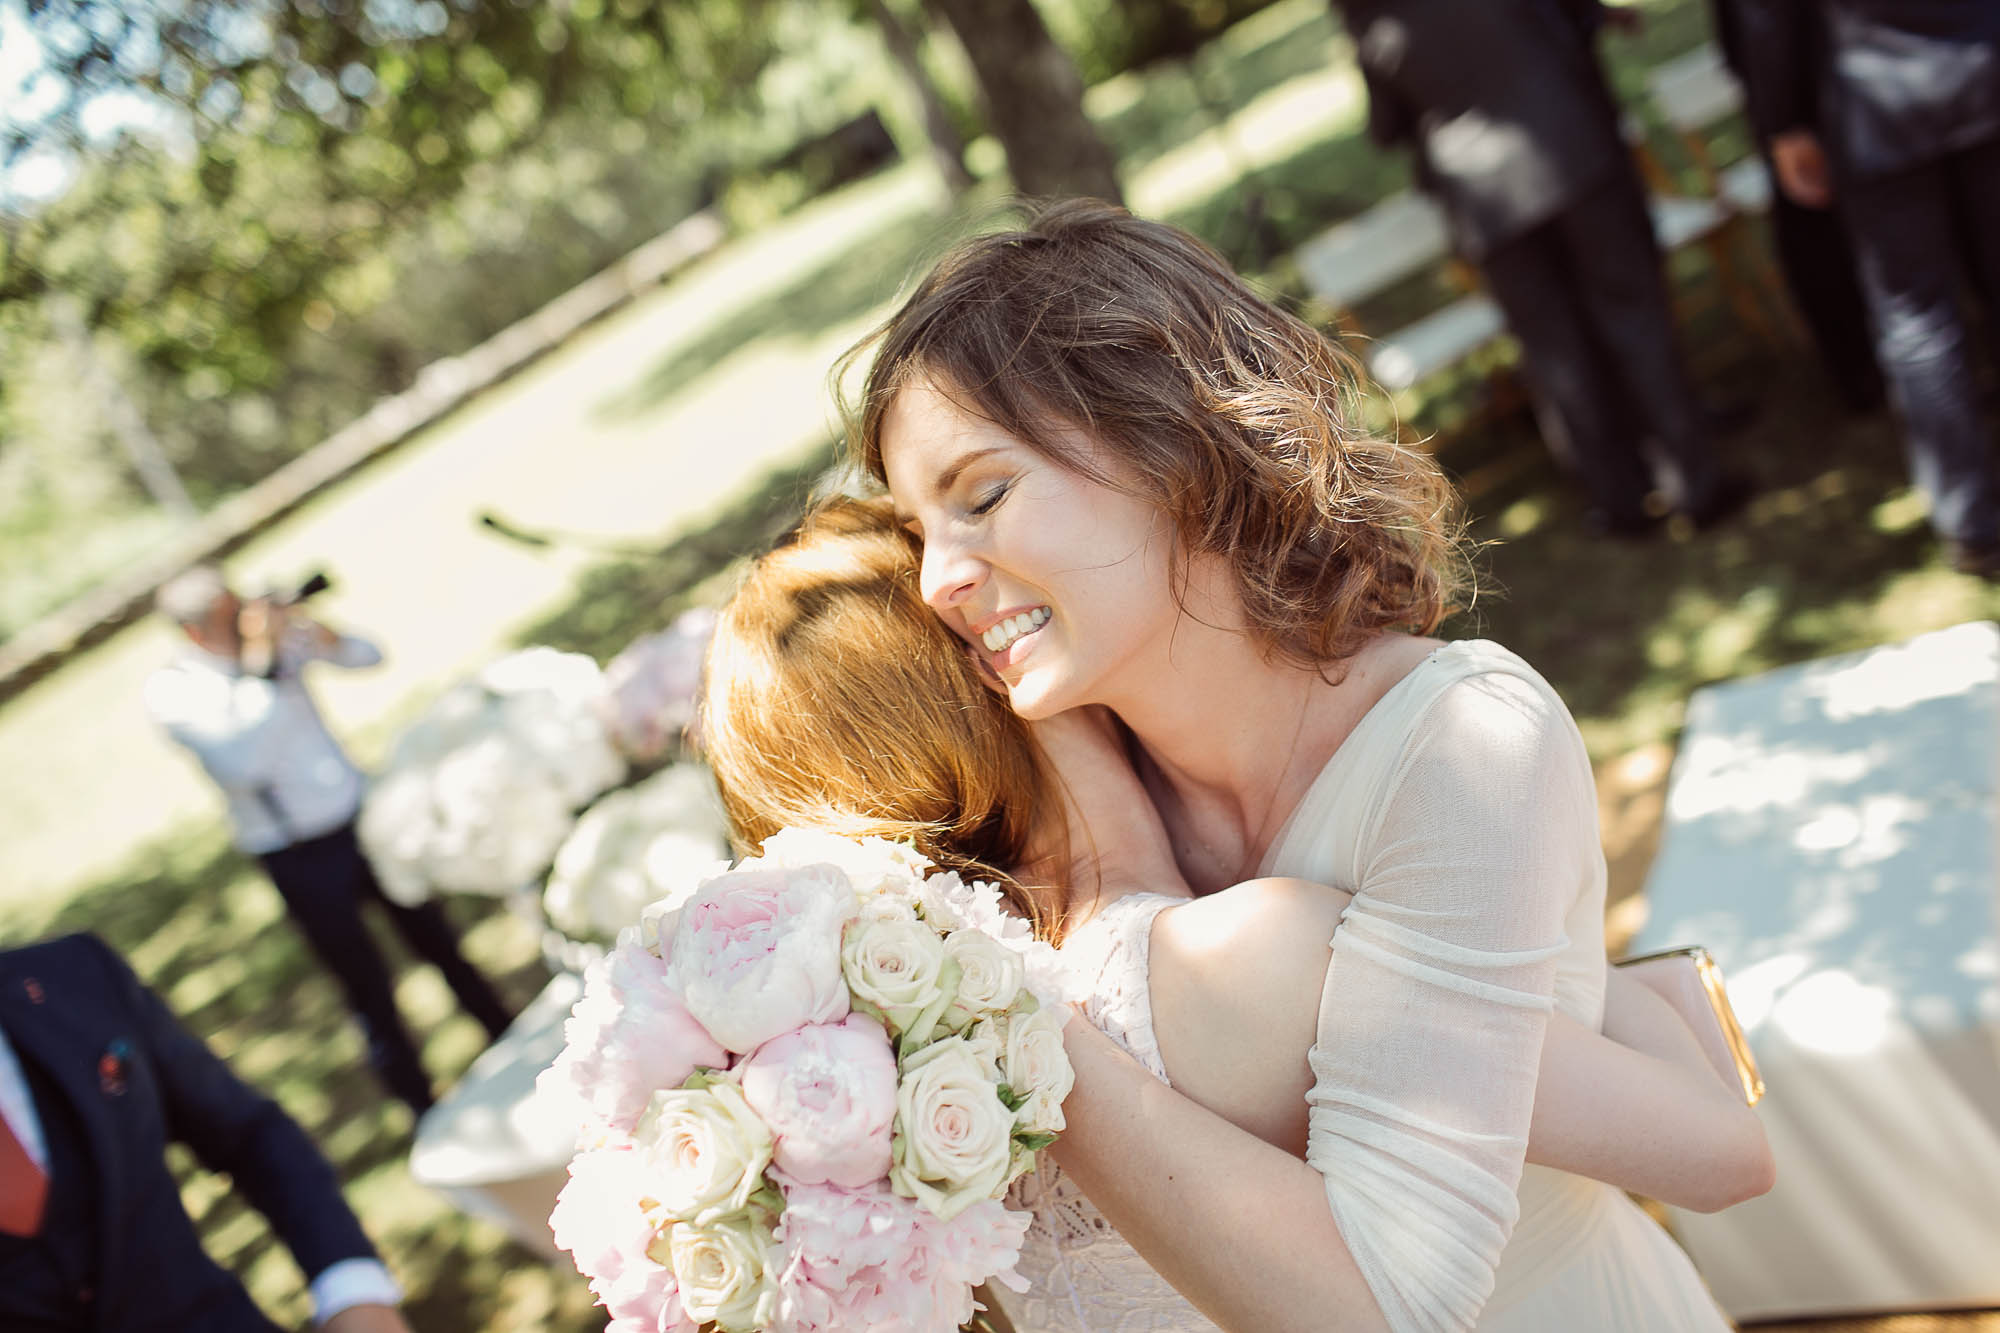 Una amiga de la novia la abraza efusivamente